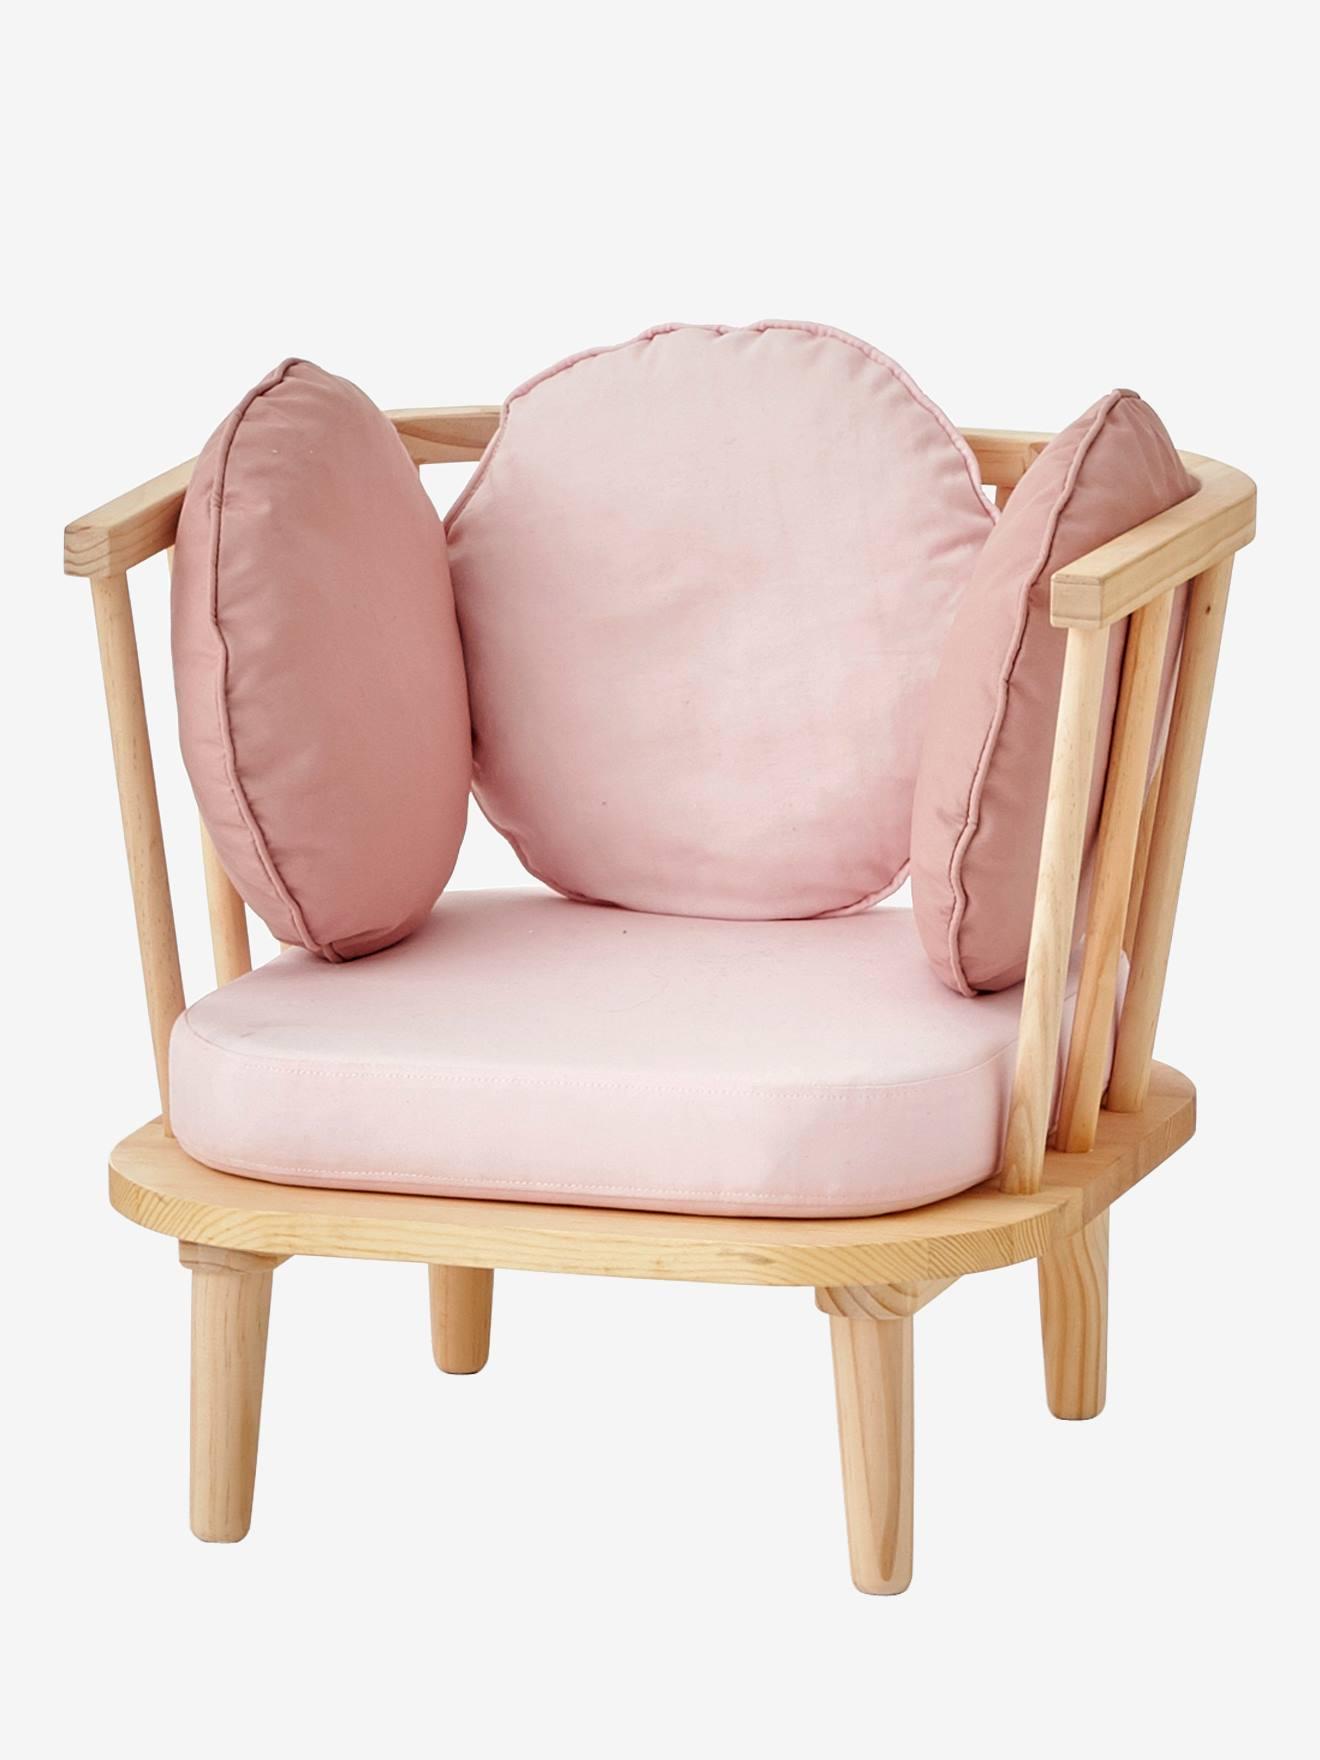 tabouret fauteuil achat vente de tabouret pas cher. Black Bedroom Furniture Sets. Home Design Ideas